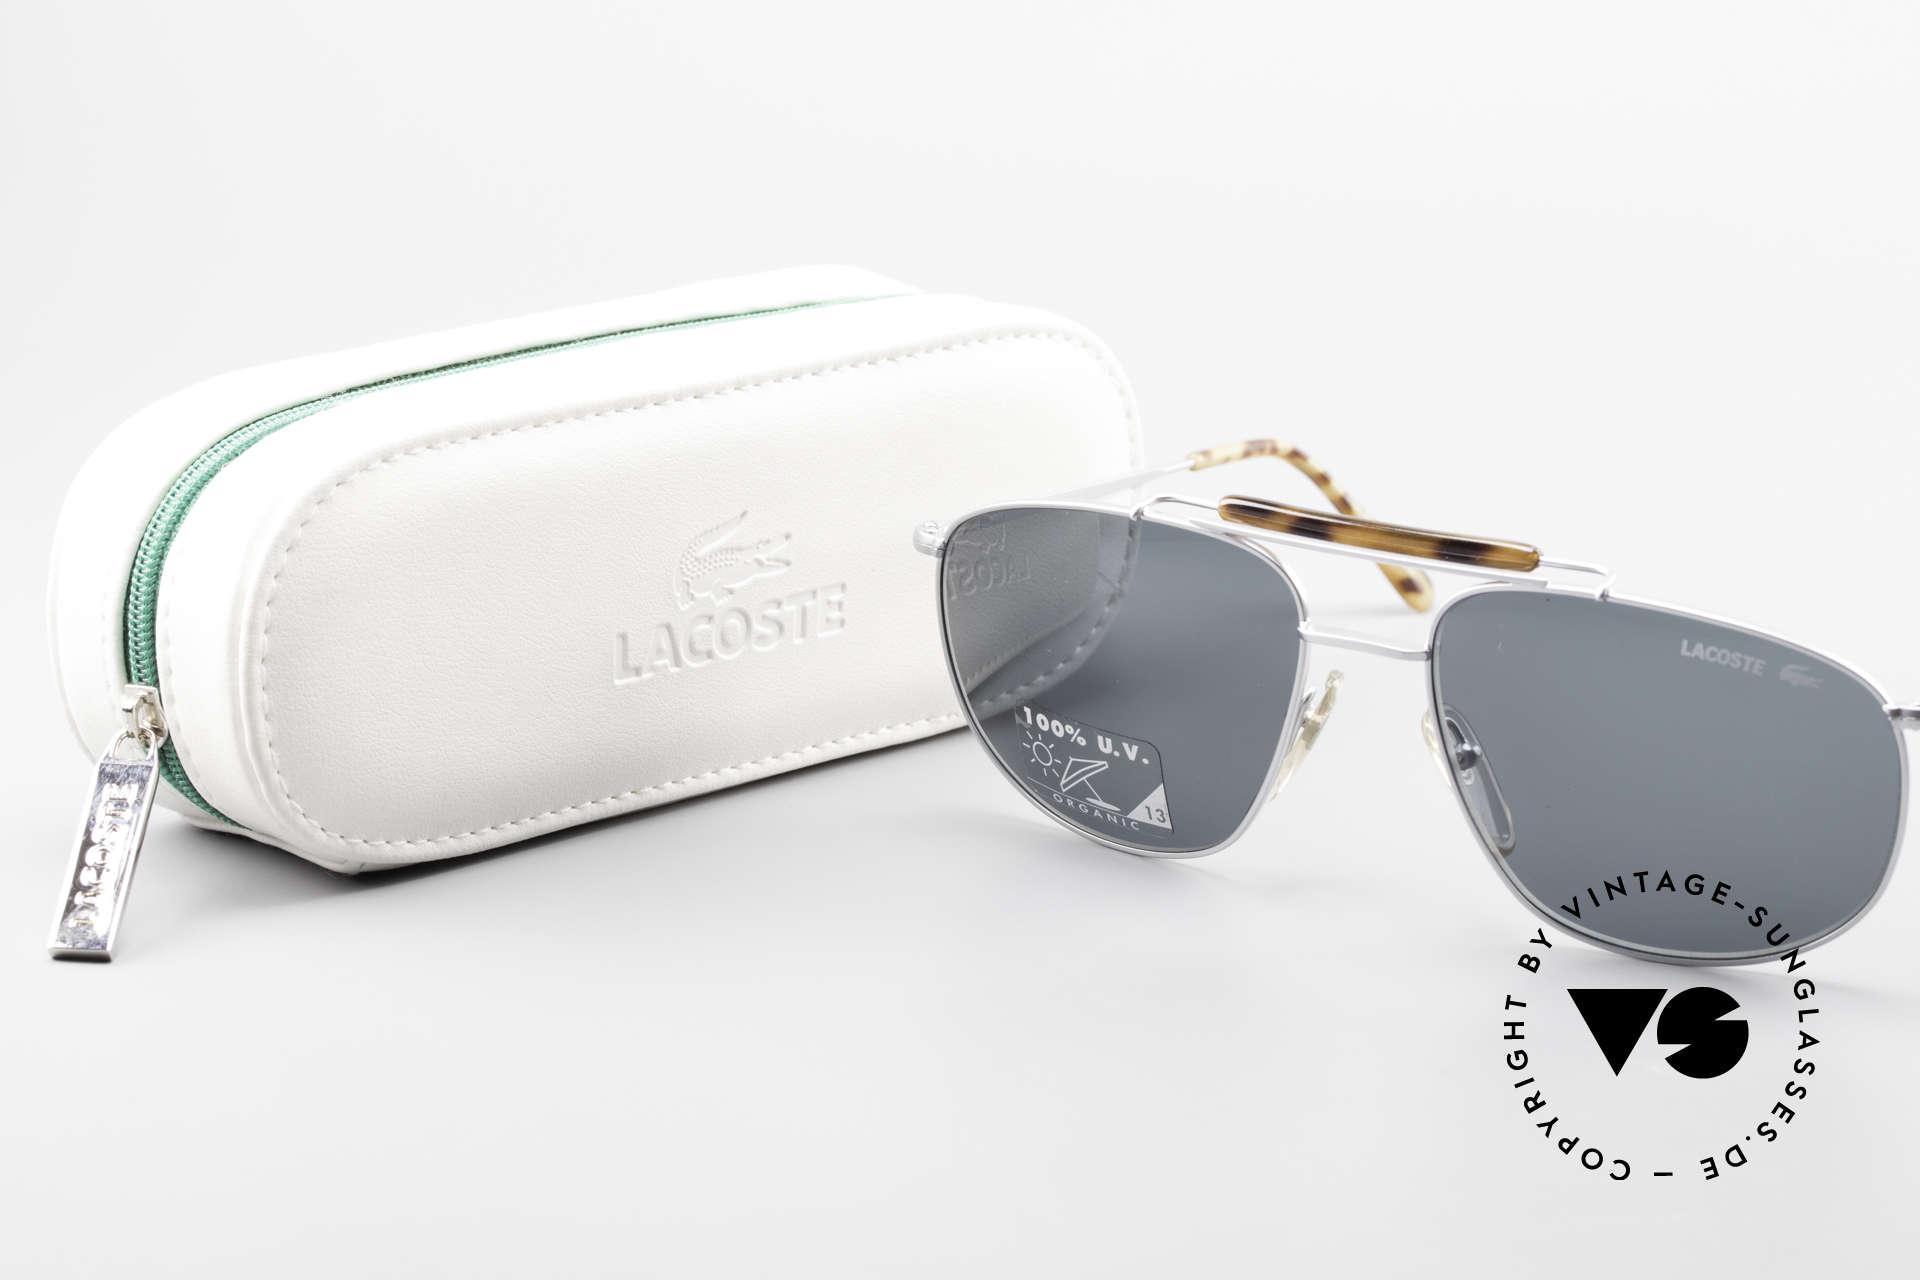 Lacoste 149 Titanium Sonnenbrille Herren, KEIN Retromodell; ein 20 J. altes ORIGINAL!, Passend für Herren